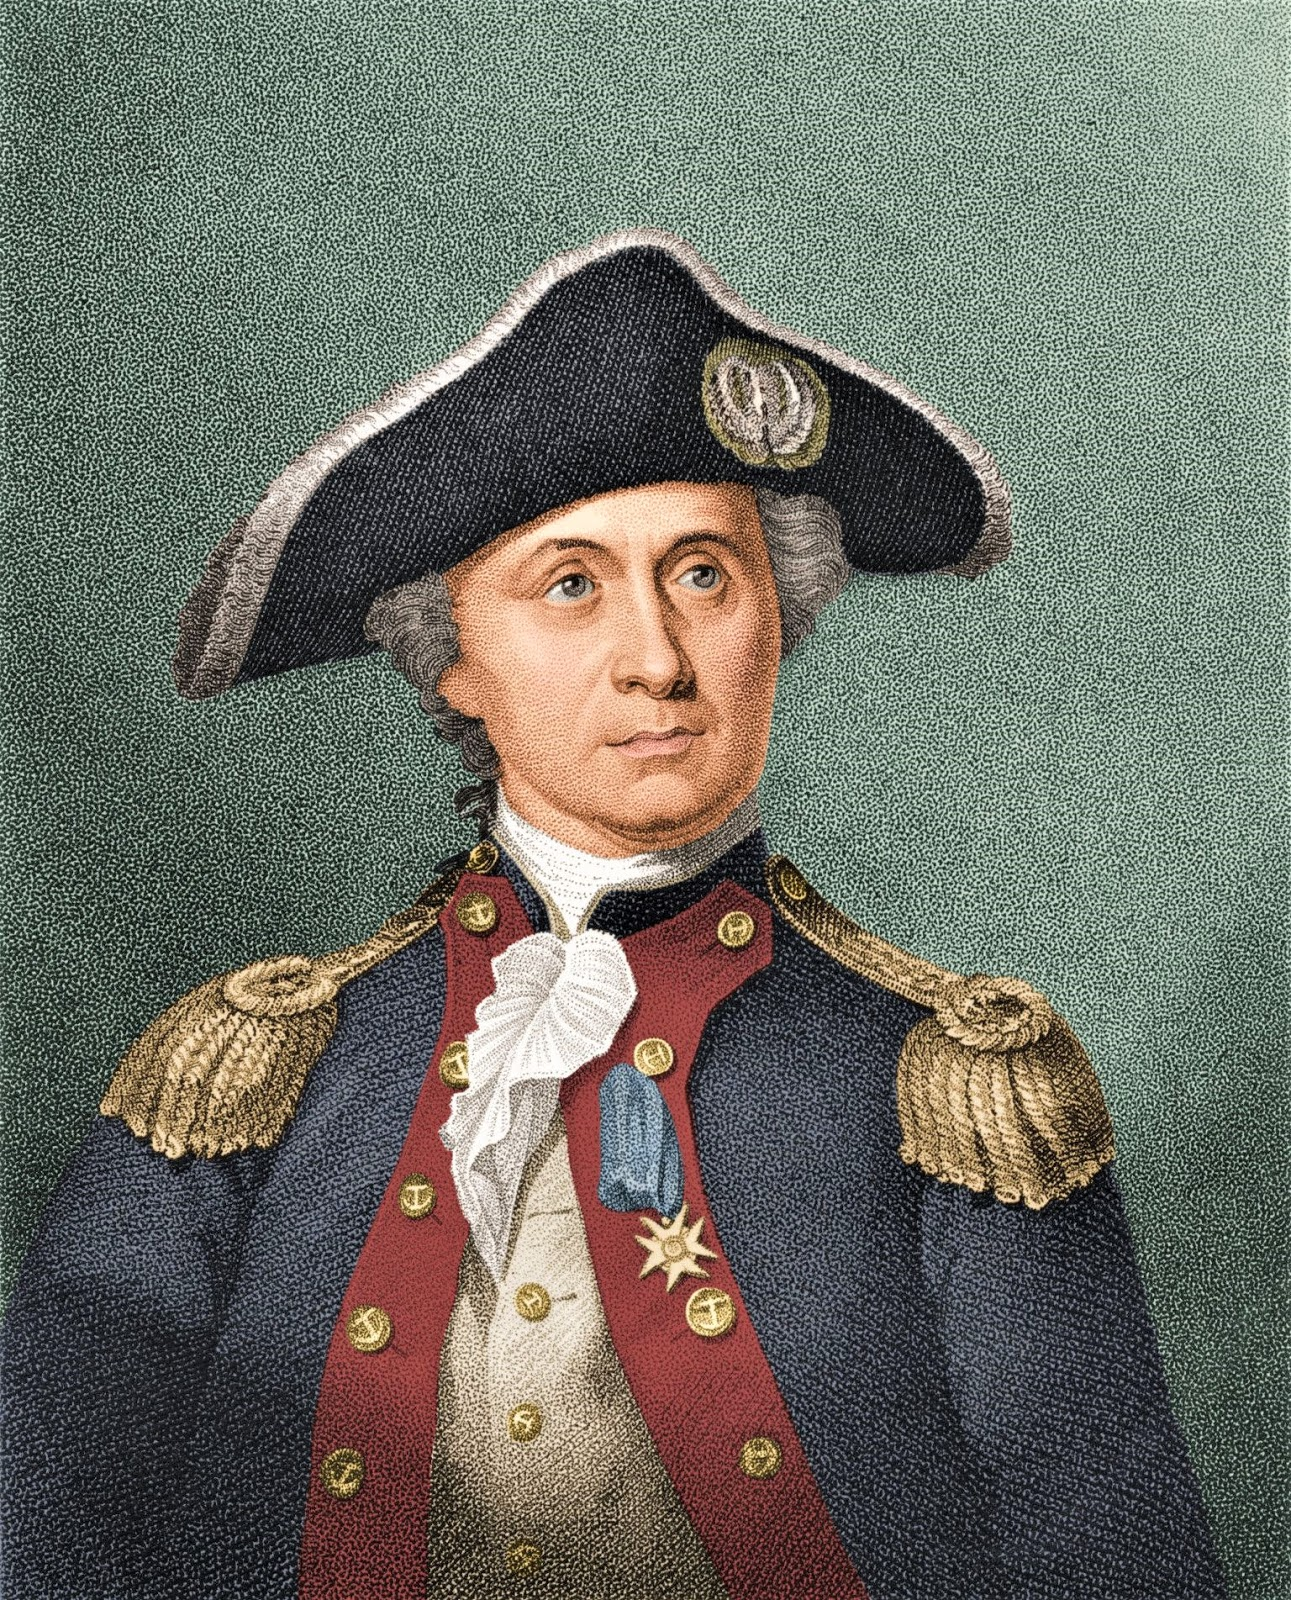 John Paul jones amiral